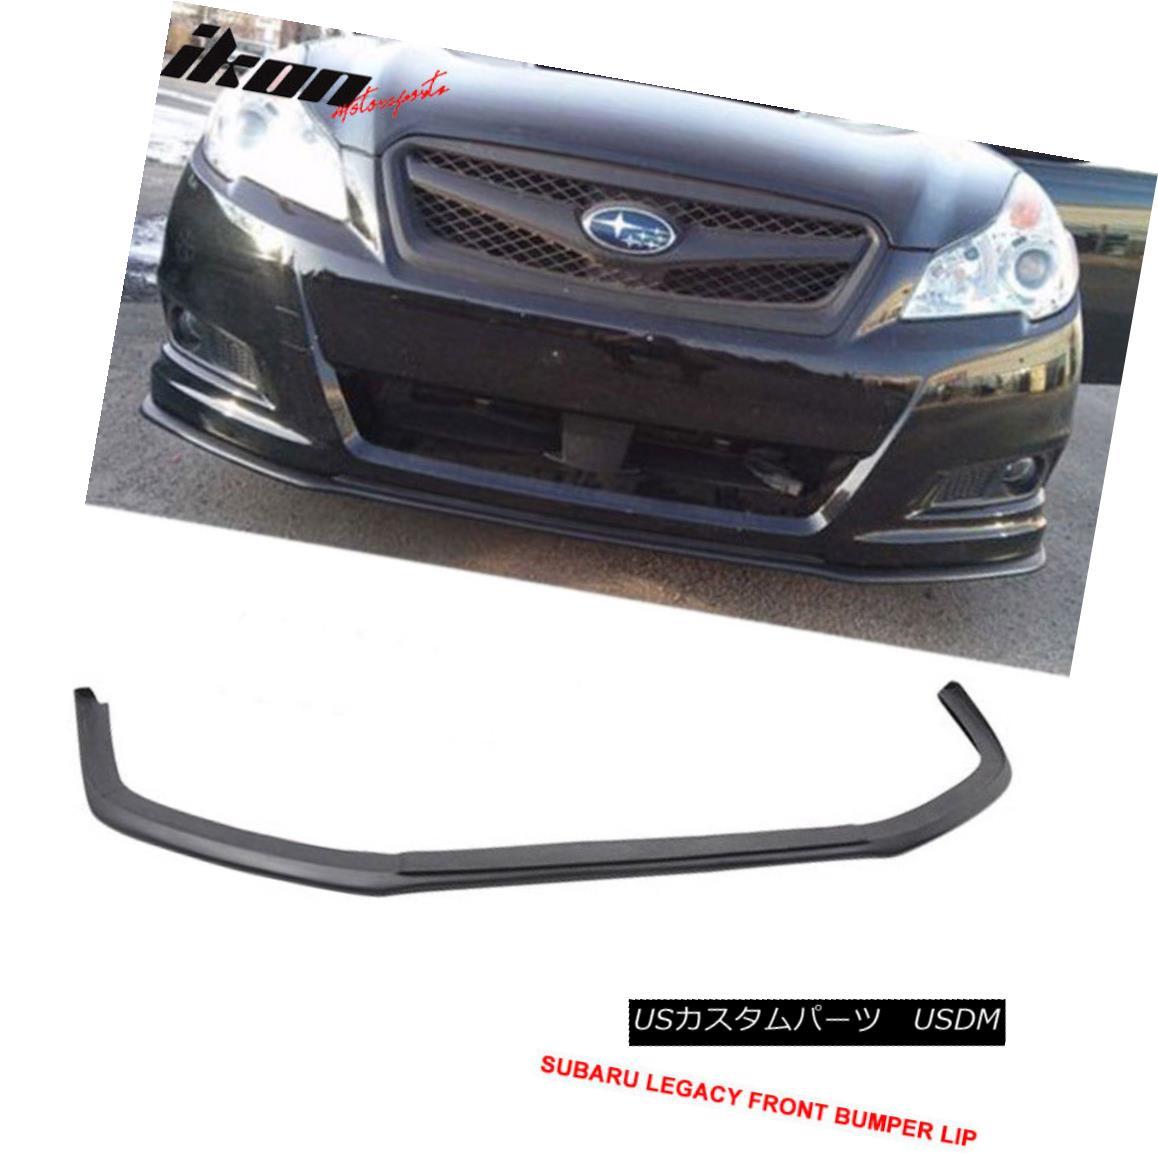 リアル エアロパーツ Fit For 10-12 Subaru Legacy V-Limited Front Bumper Lip Urethane スバルレガシィV-Limitedフロントバンパーリップウレタン, テンスイマチ d86a580b